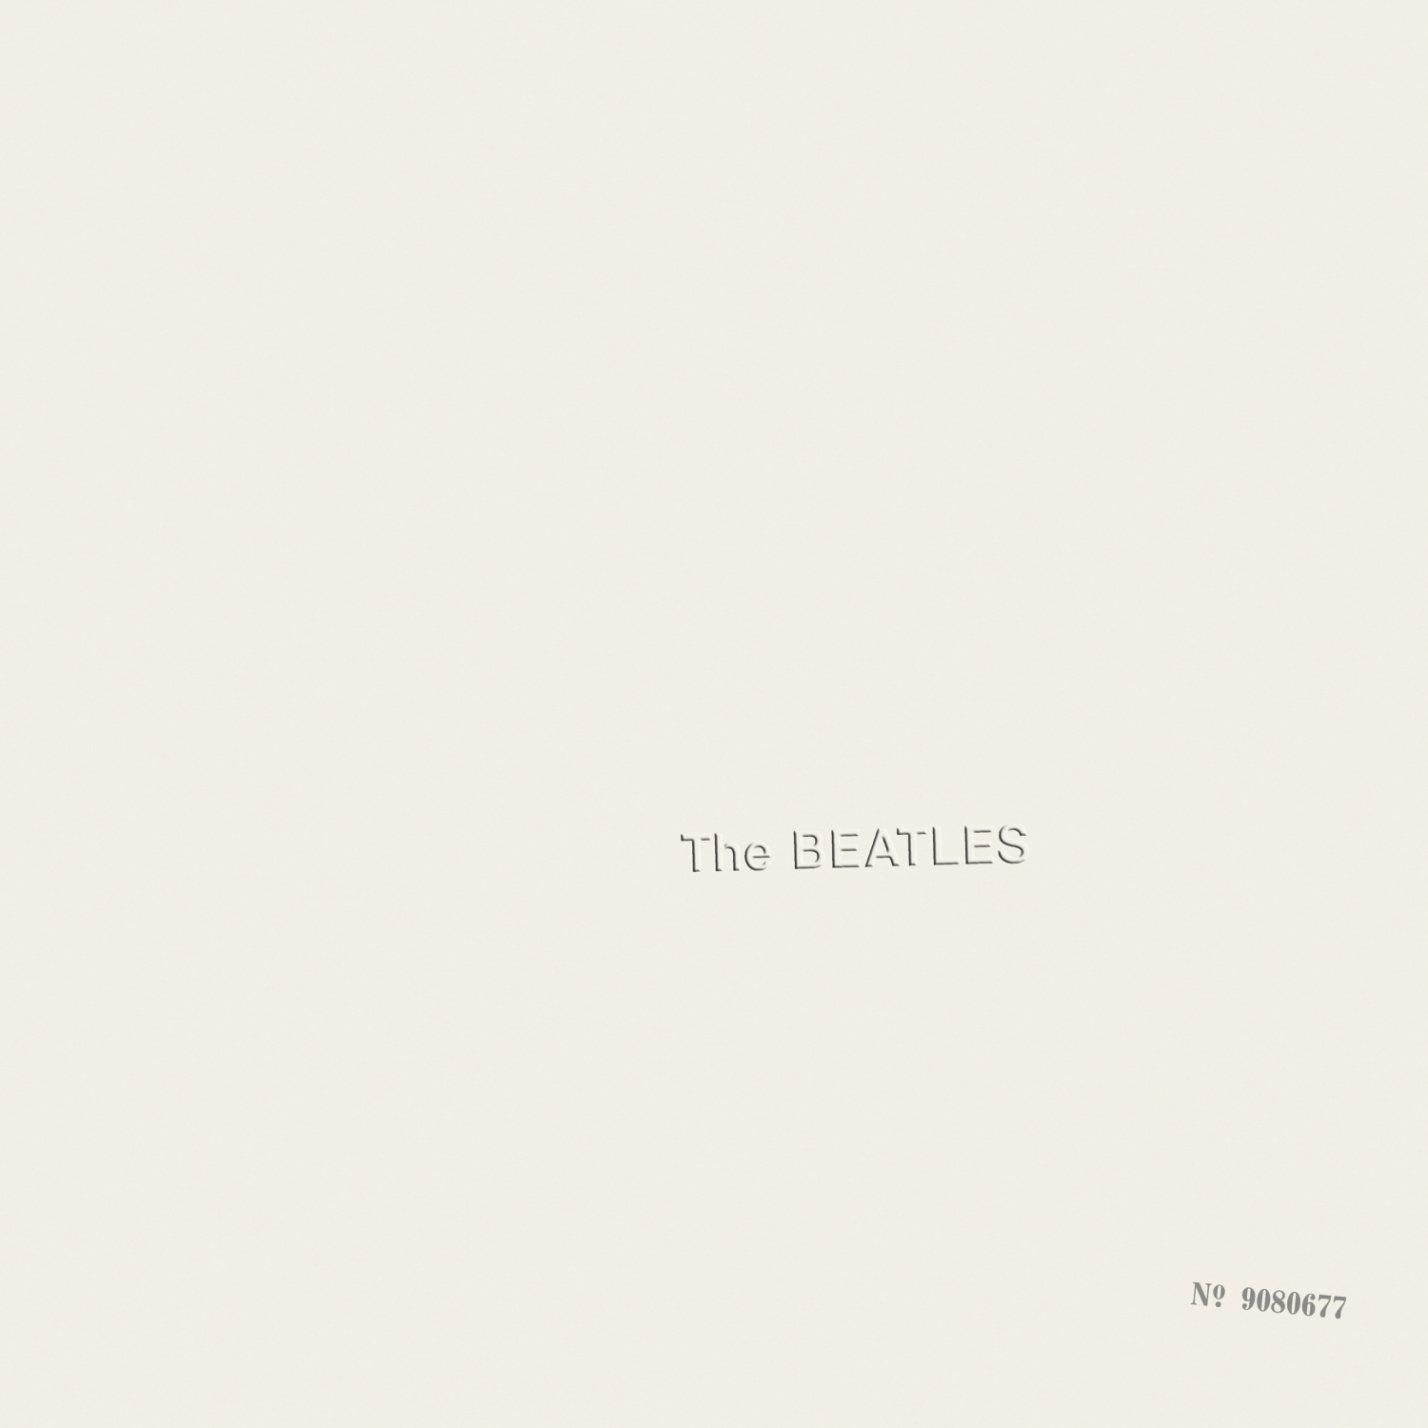 Vinilo : The Beatles - Beatles (The White Album) (Mono Sound, 2 Disc)